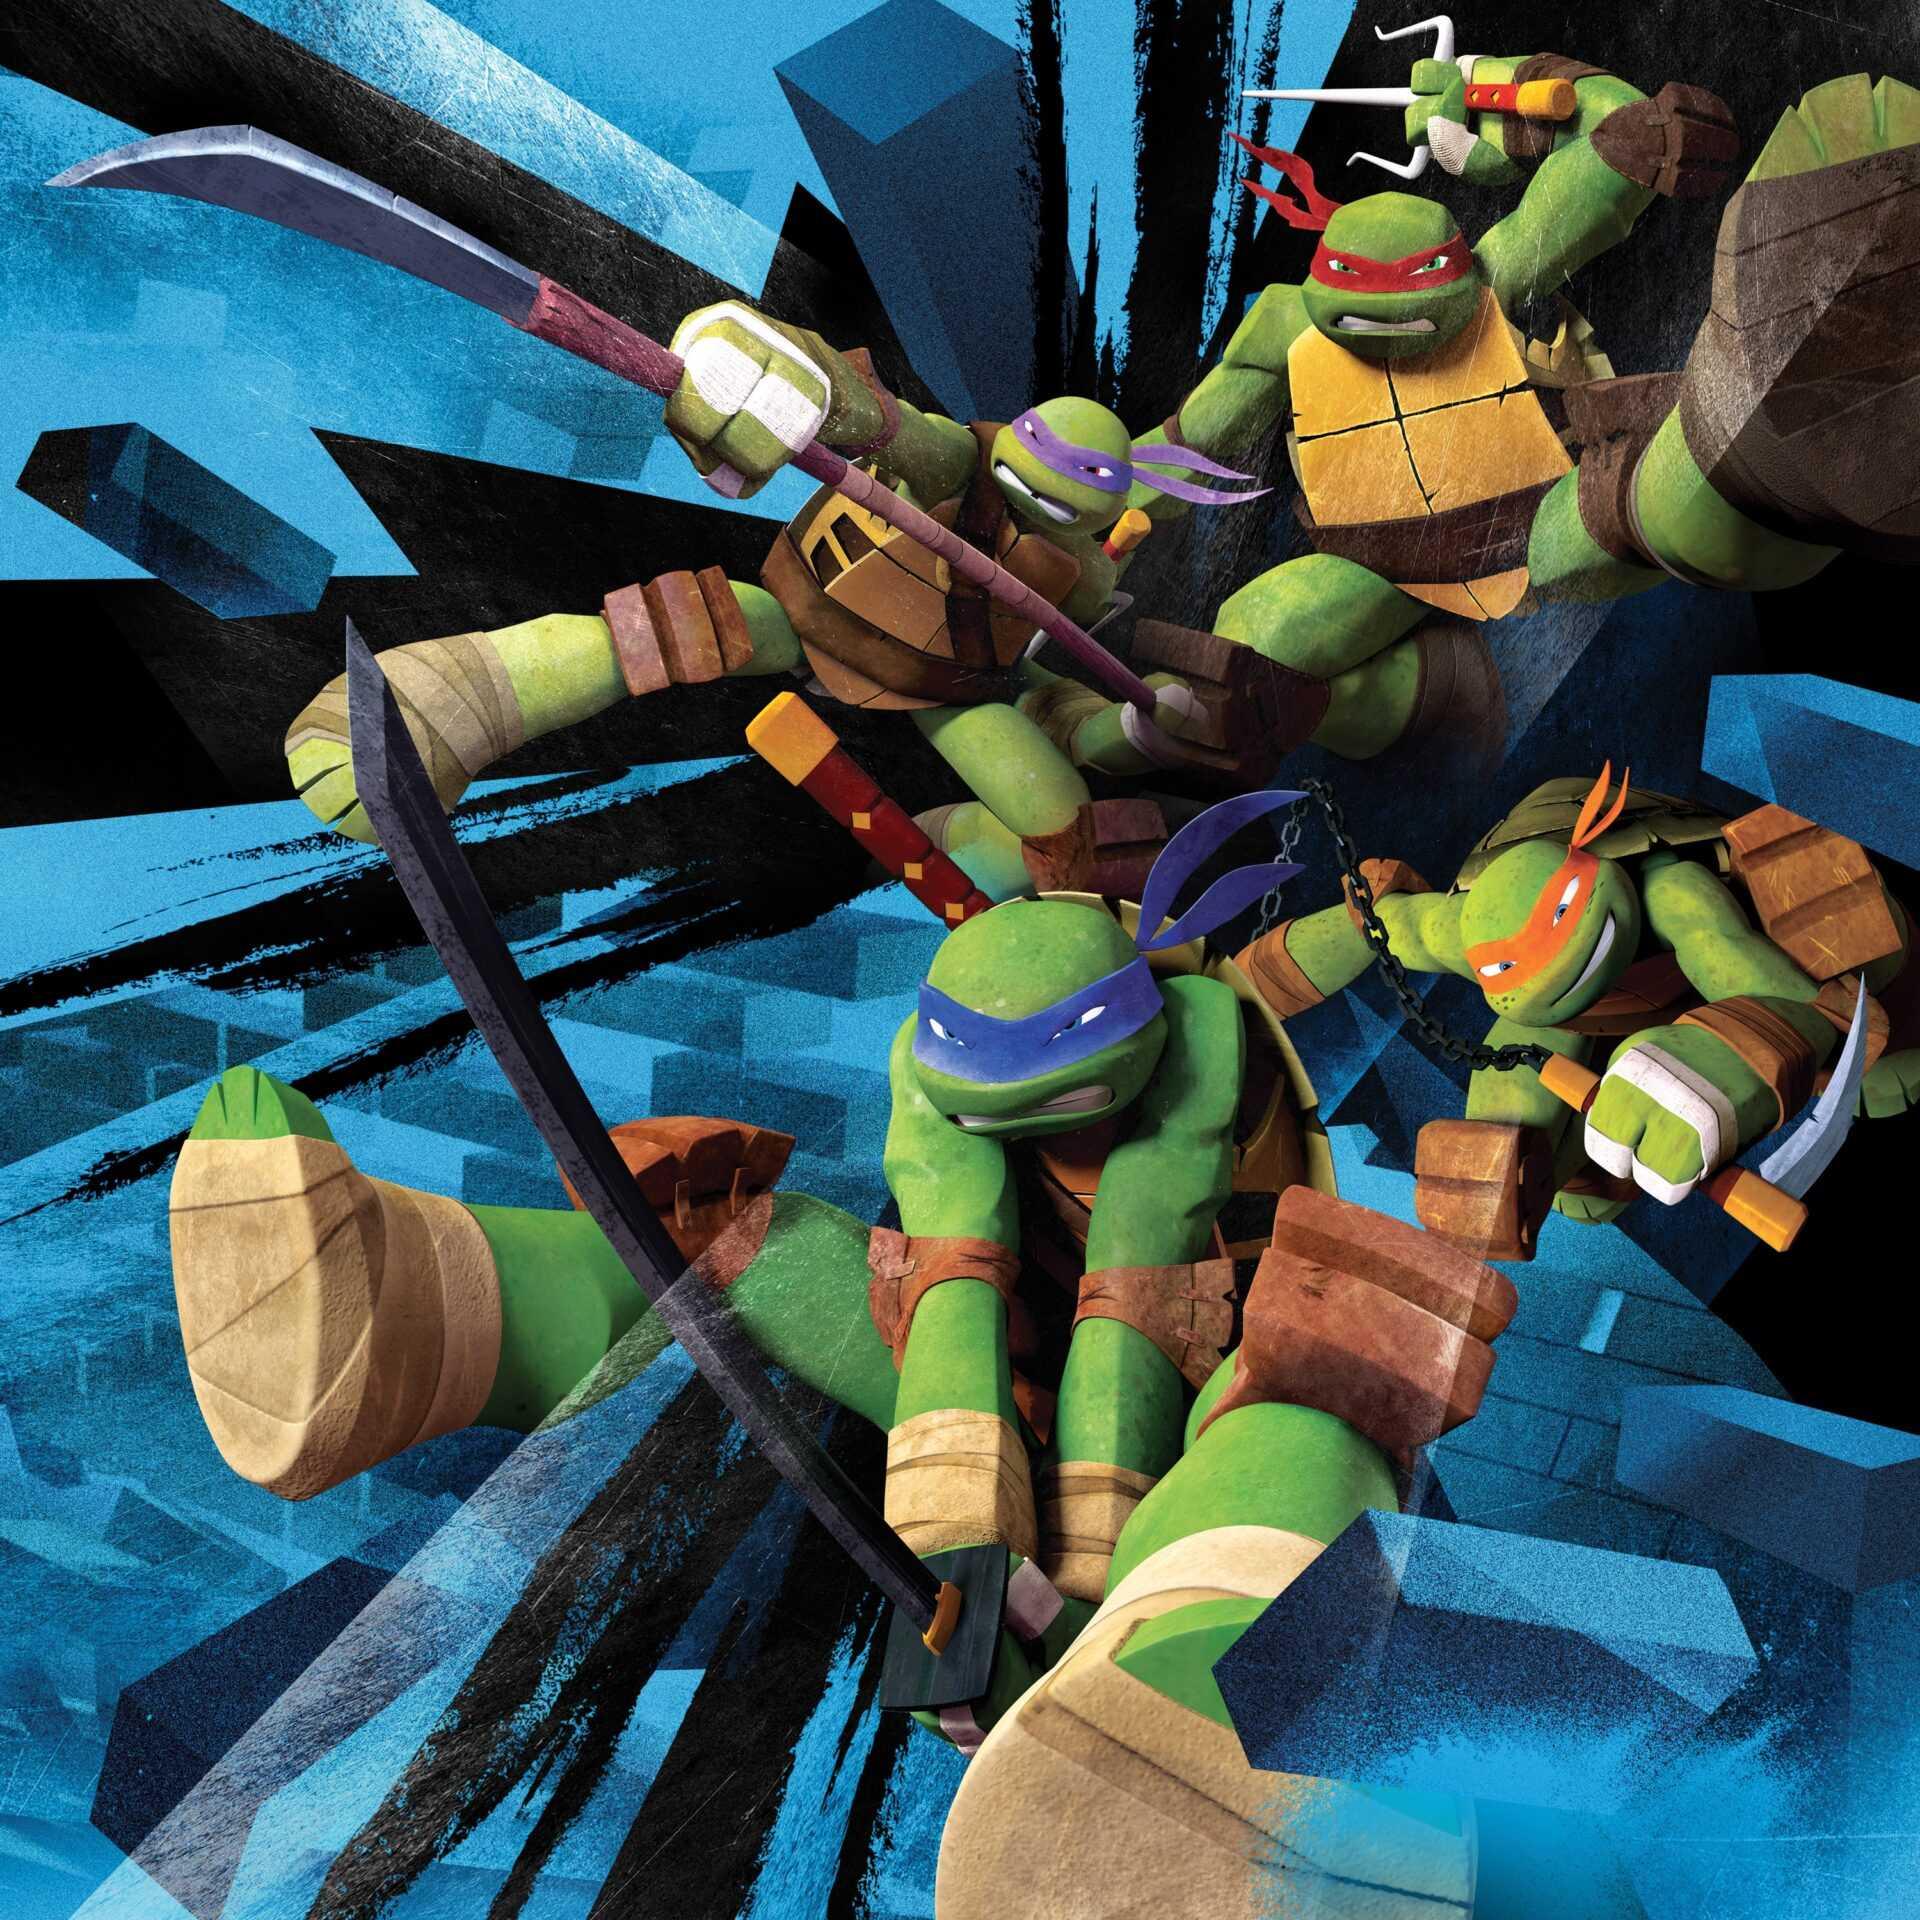 Teenage Mutant Ninja Turtle: le tartarughe Ninja arrivano su Super! | Digitale terrestre: Dtti.it